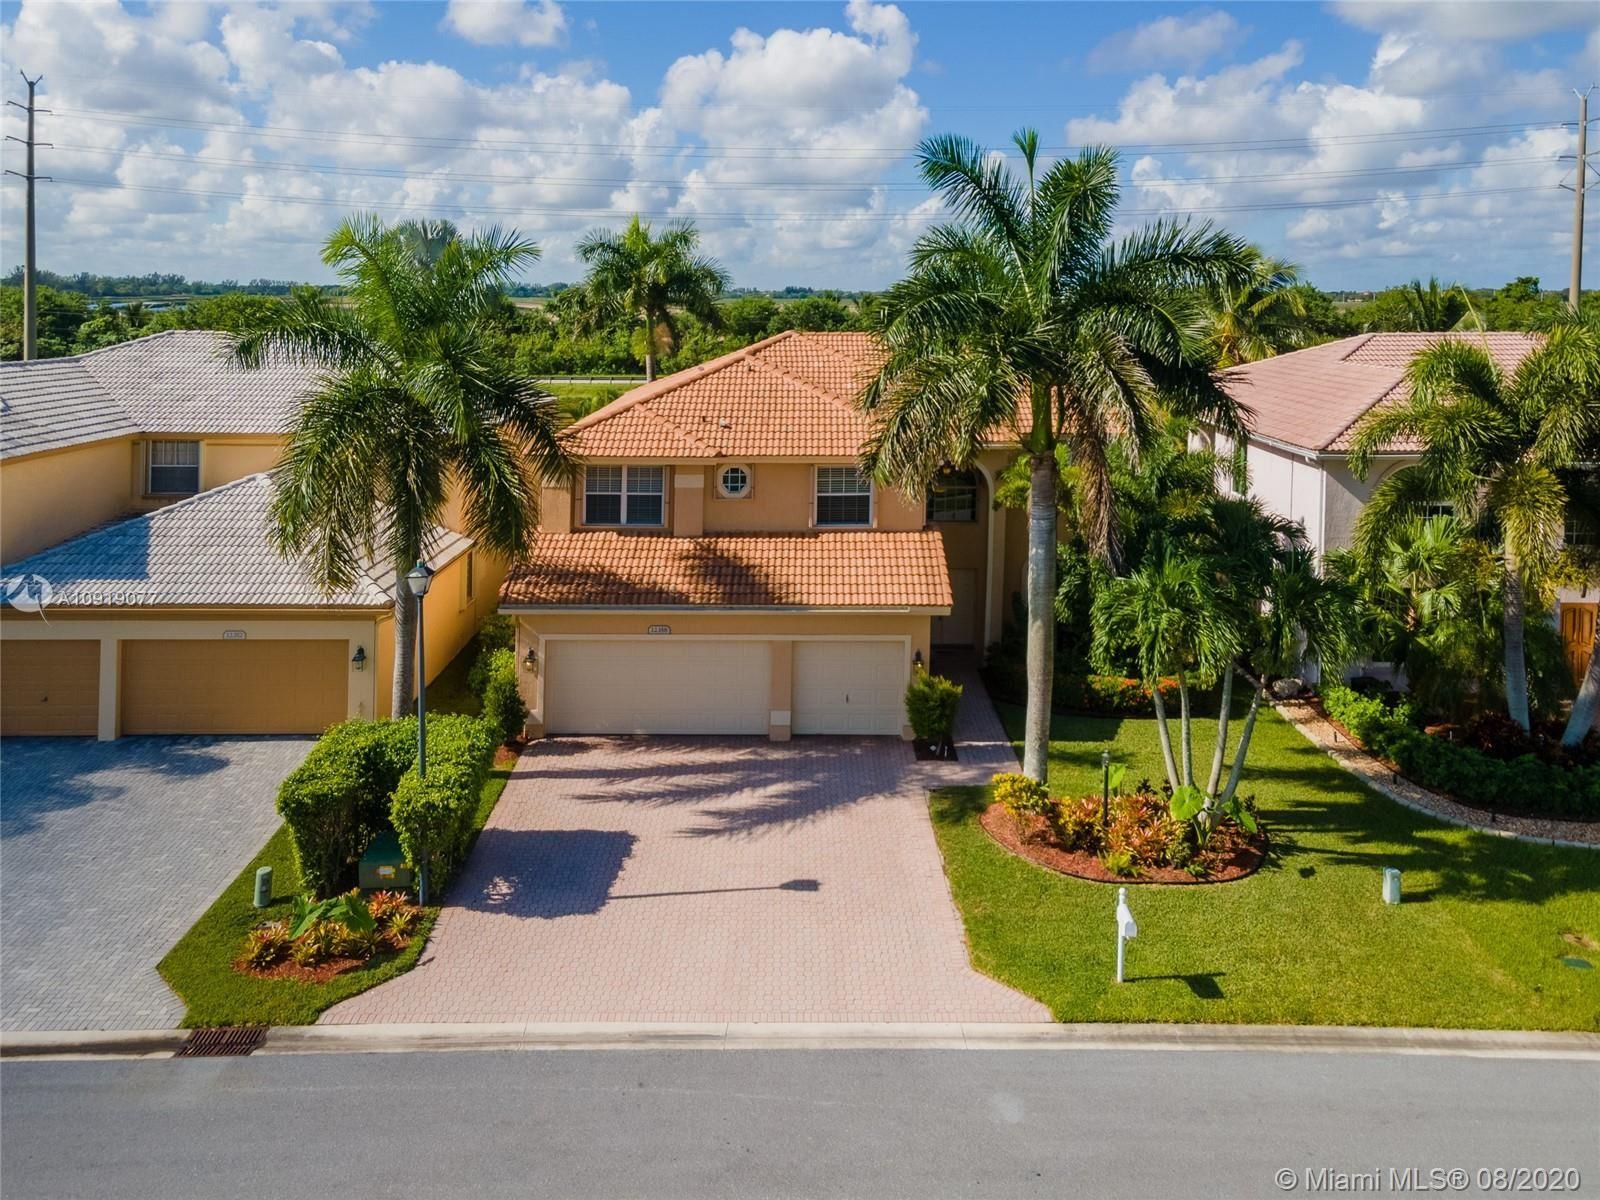 12358 Saint Simon dr, Boca Raton, FL 33428 - #: A10919077